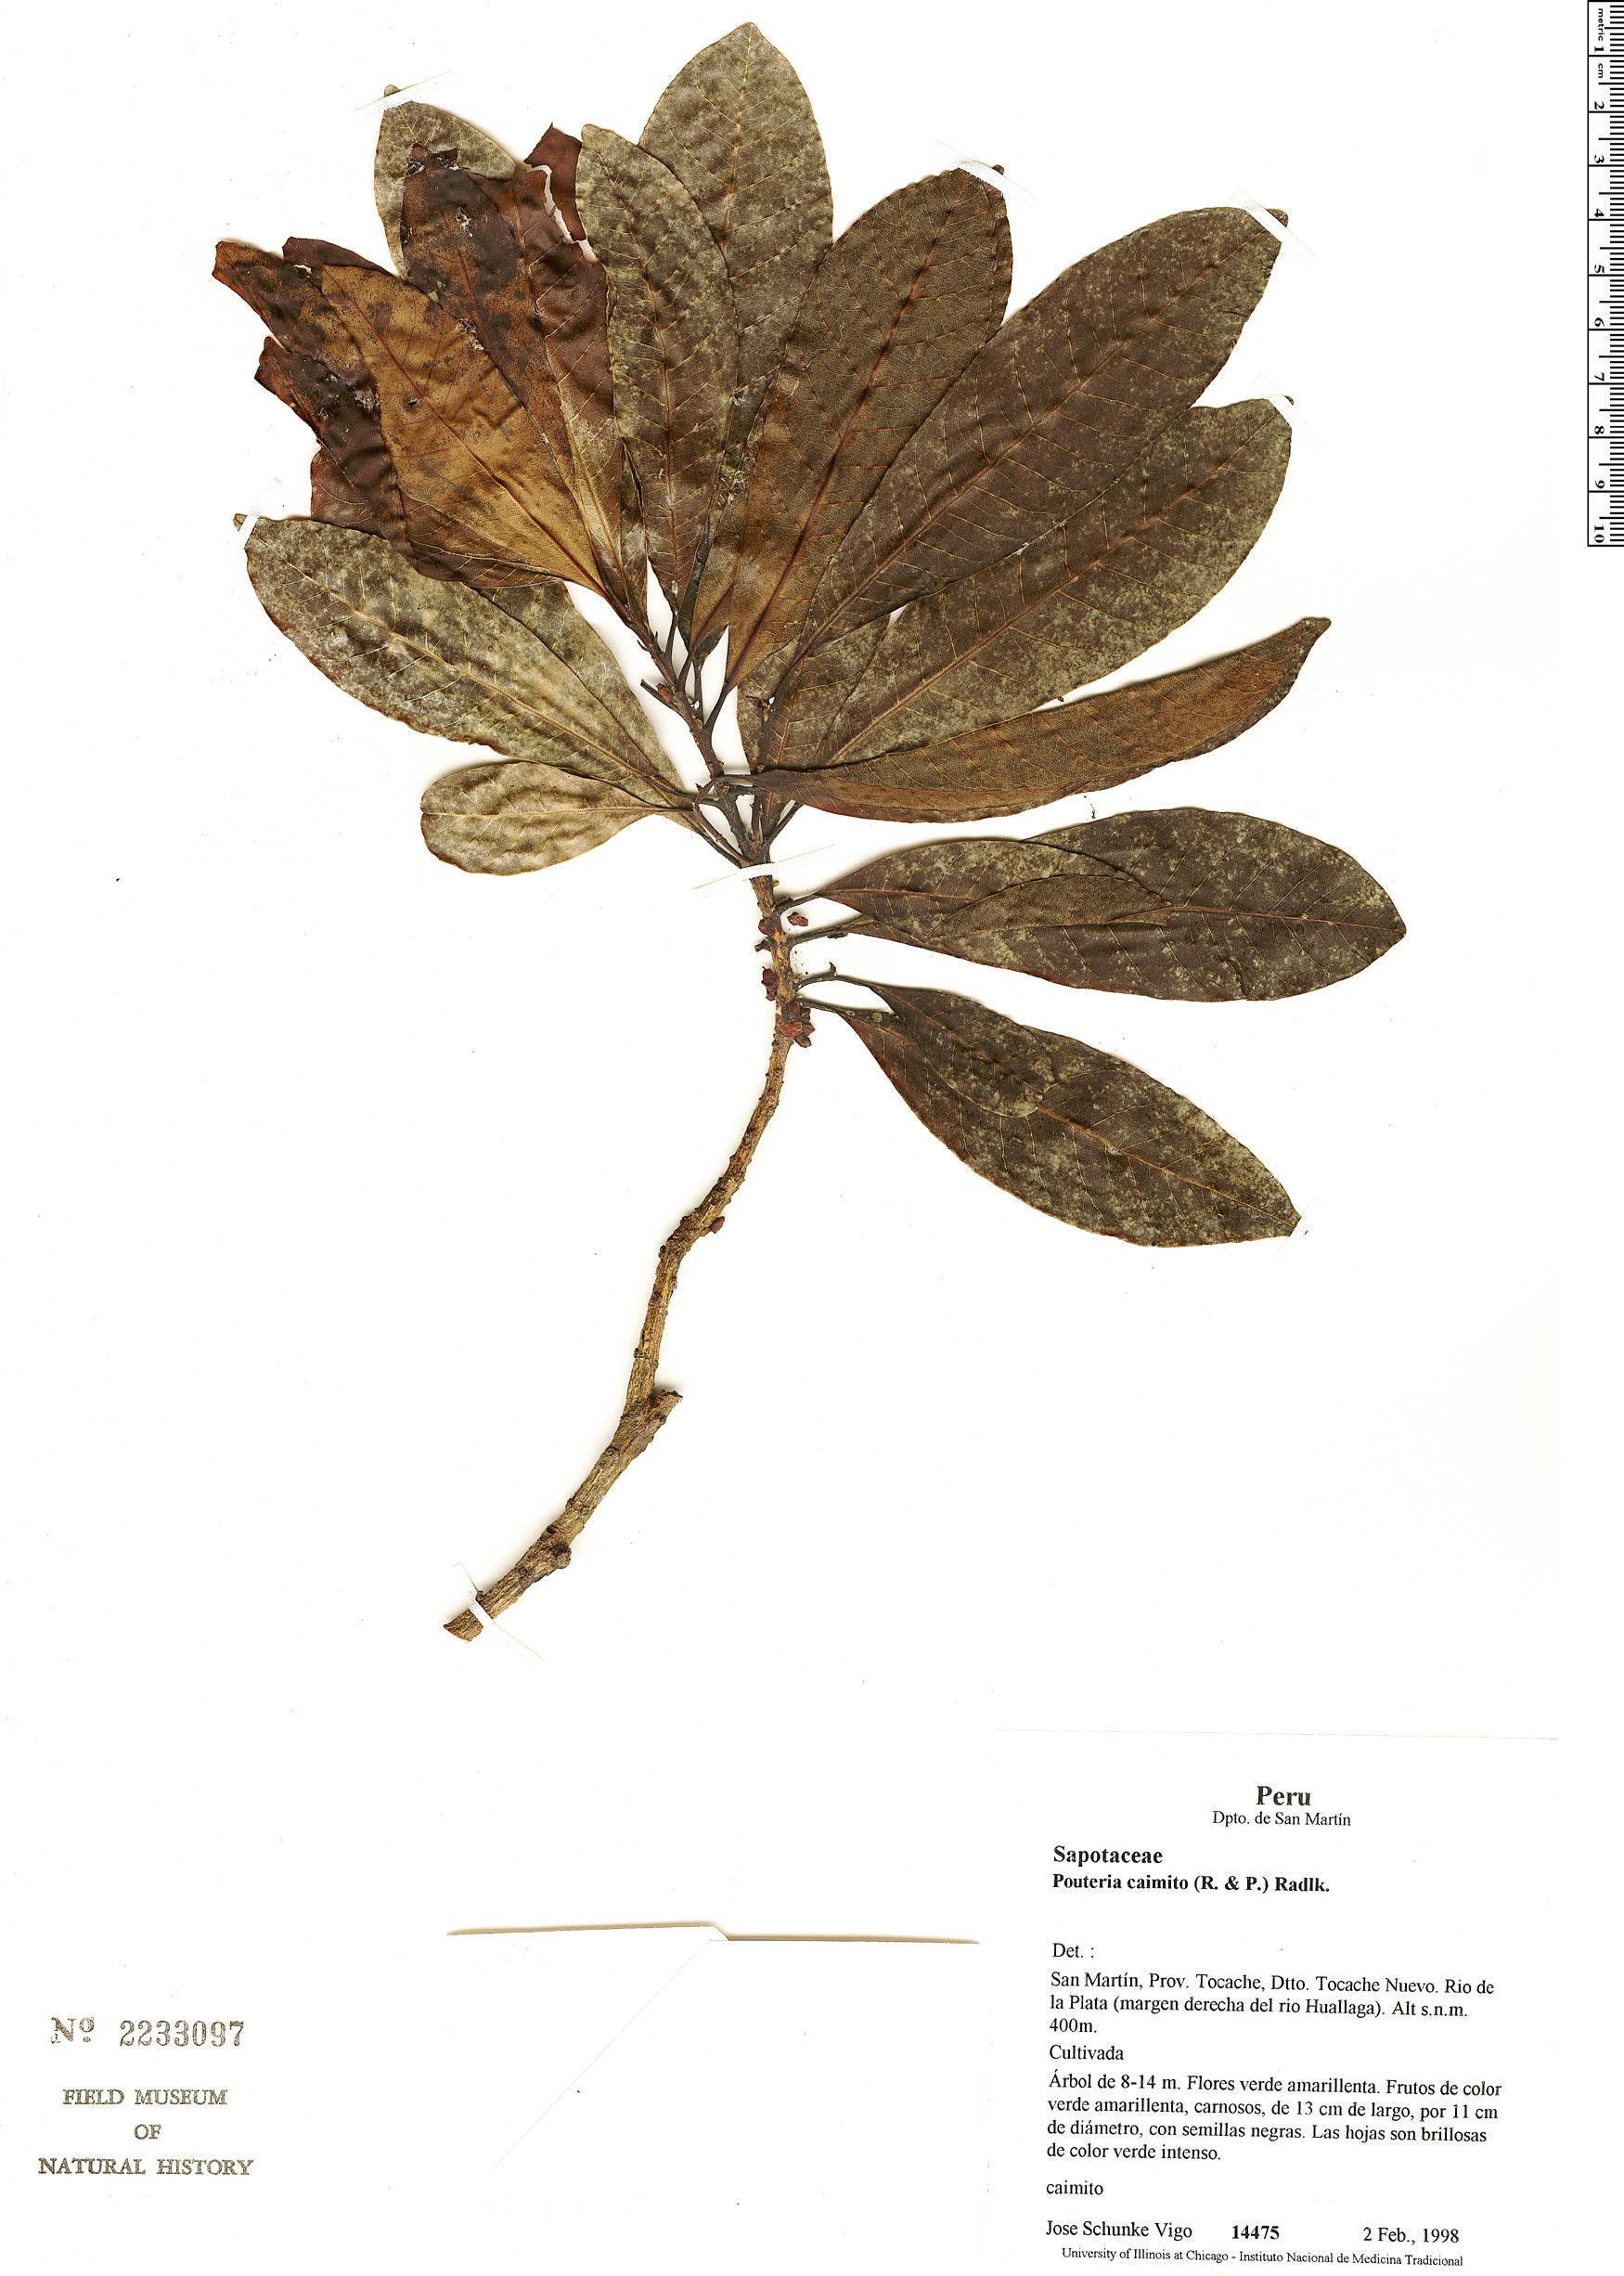 Specimen: Pouteria caimito